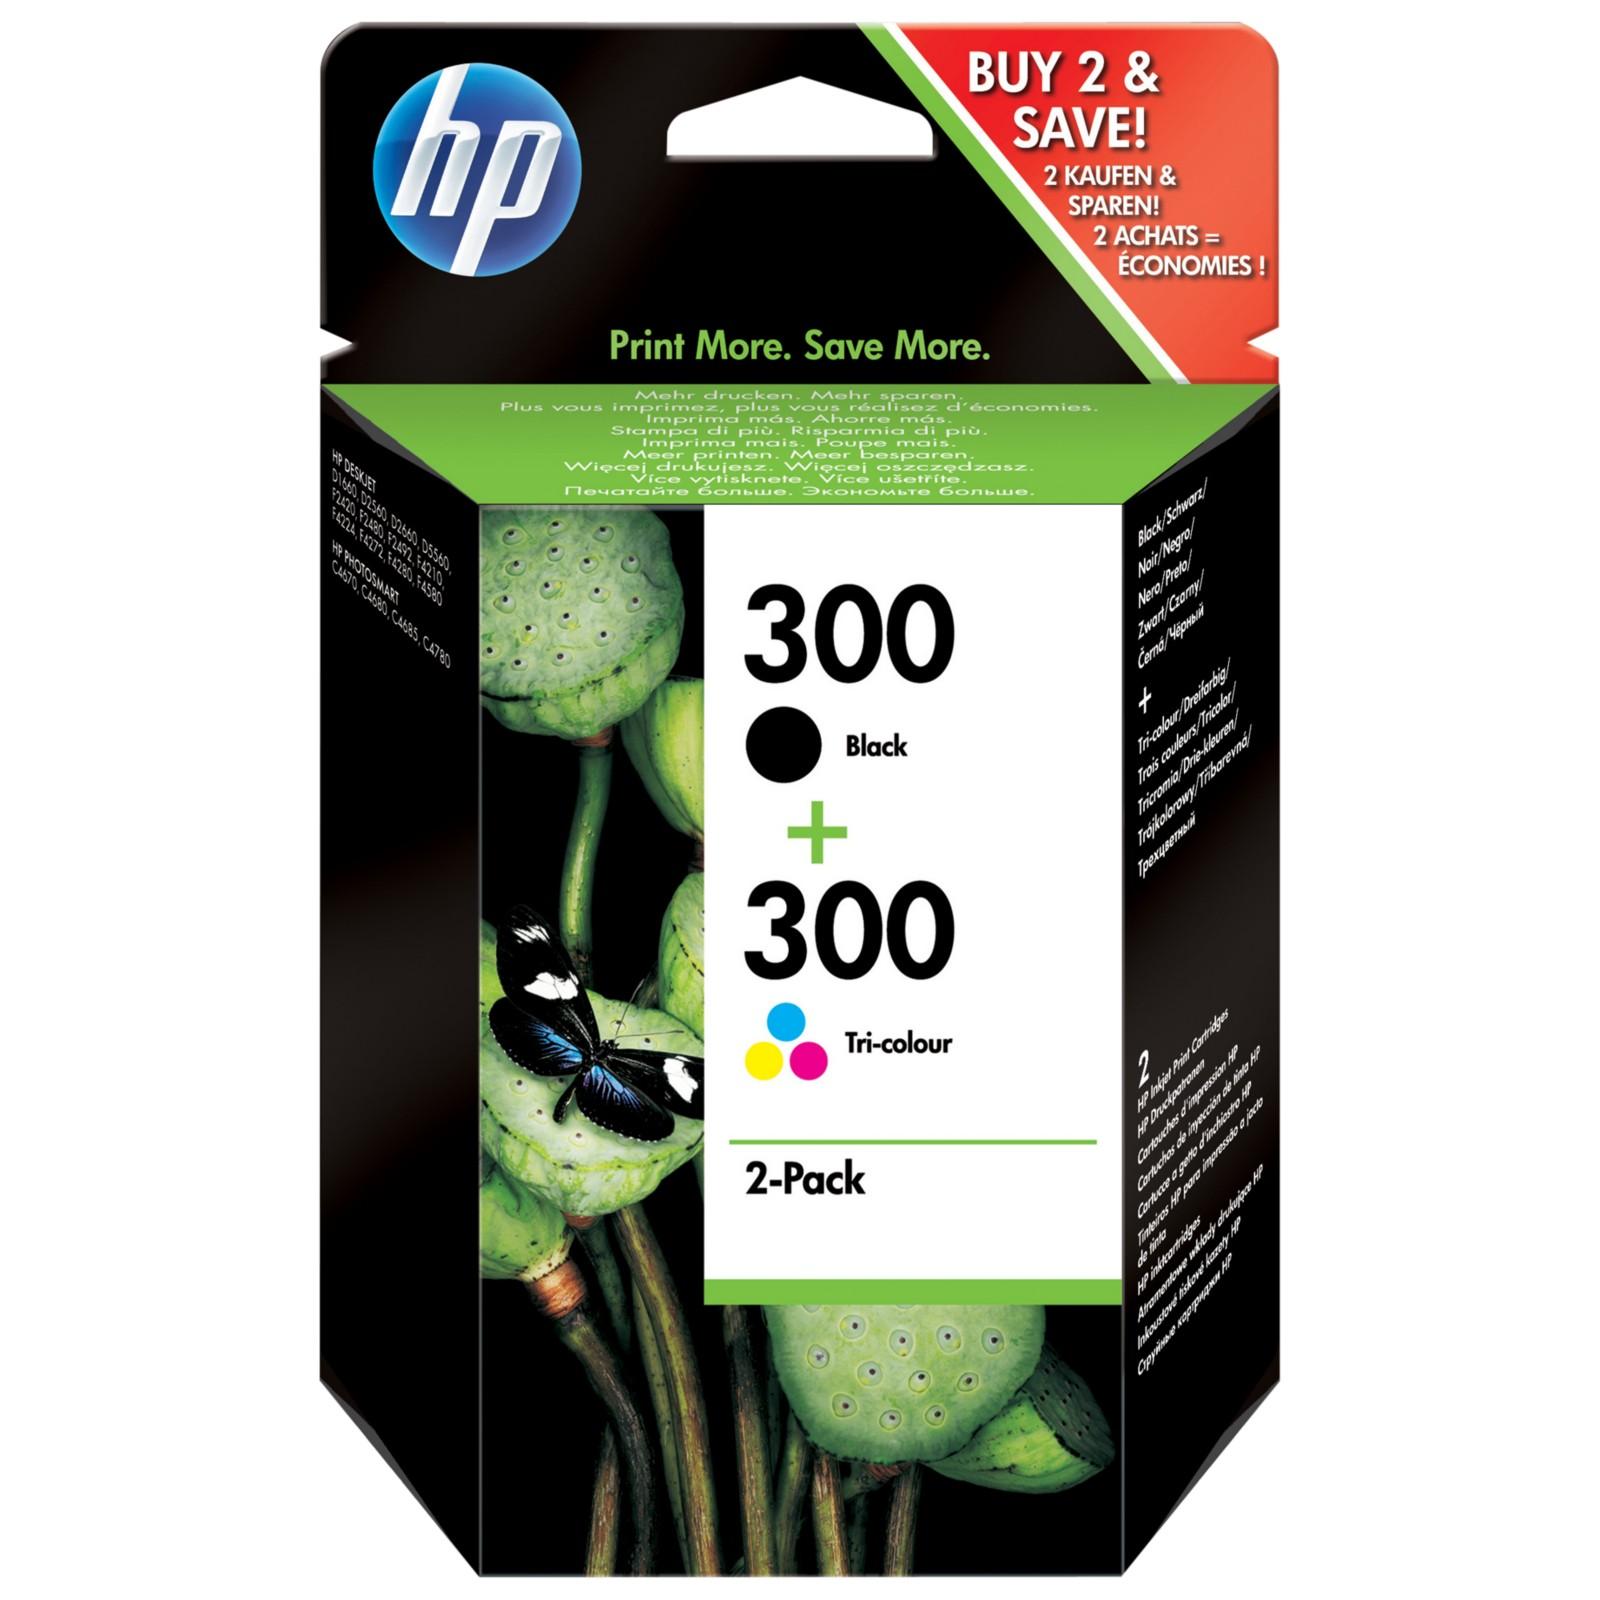 HP 300 Inkjet Cartridge